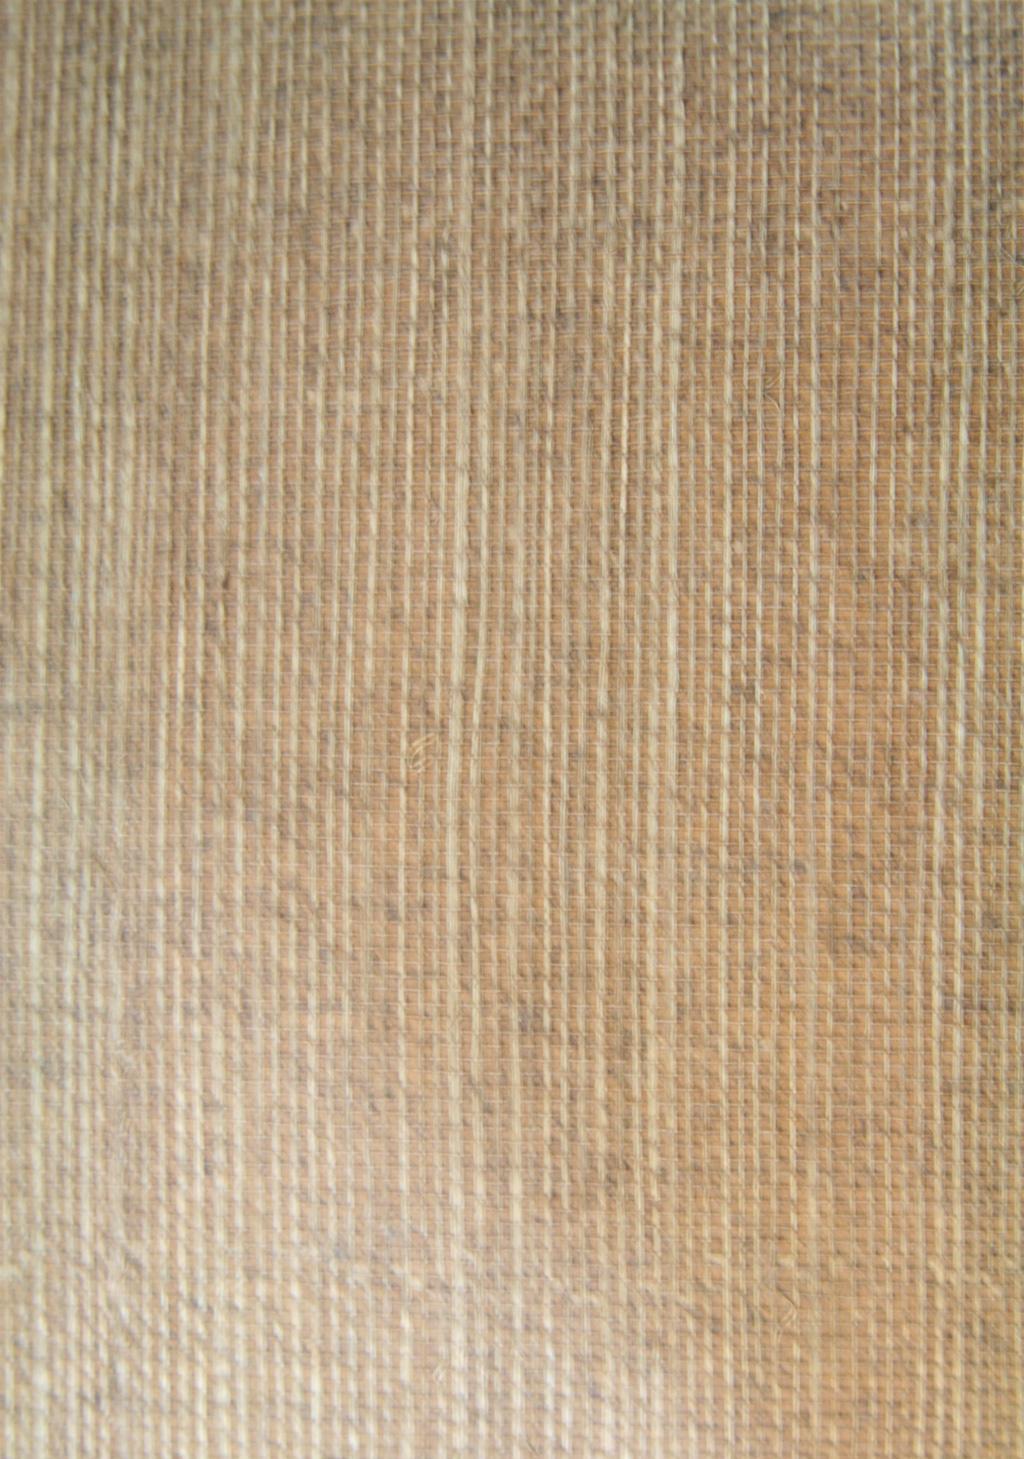 豪美迪壁纸新时尚系列-456-5456-5